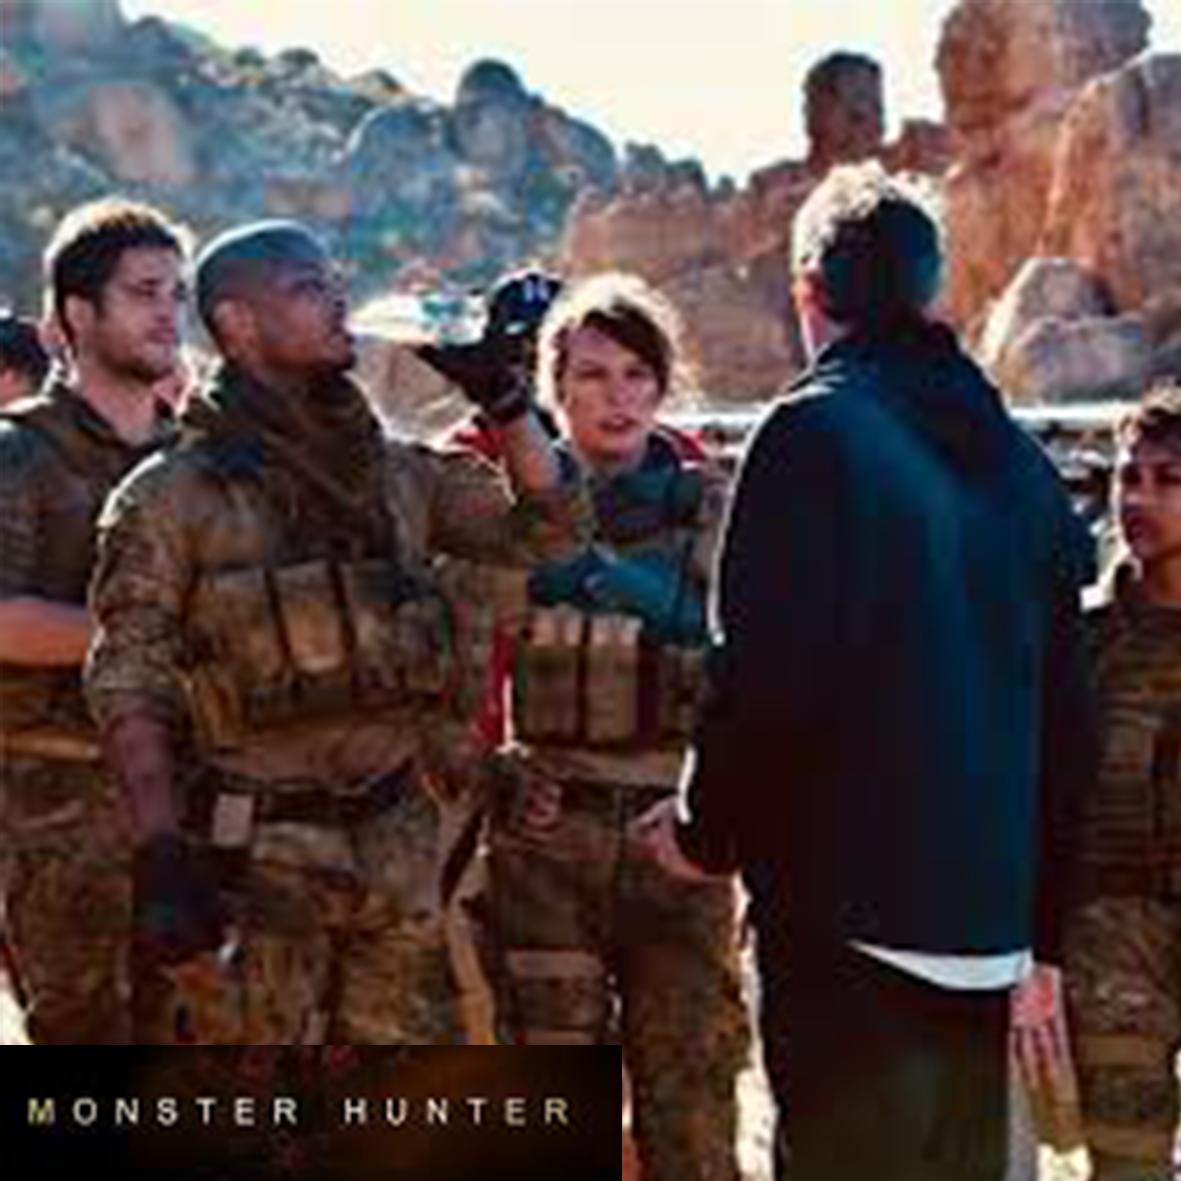 Monster Hunter 2020 In 2020 Monster Hunter Online Monster Hunter Free Movies Online